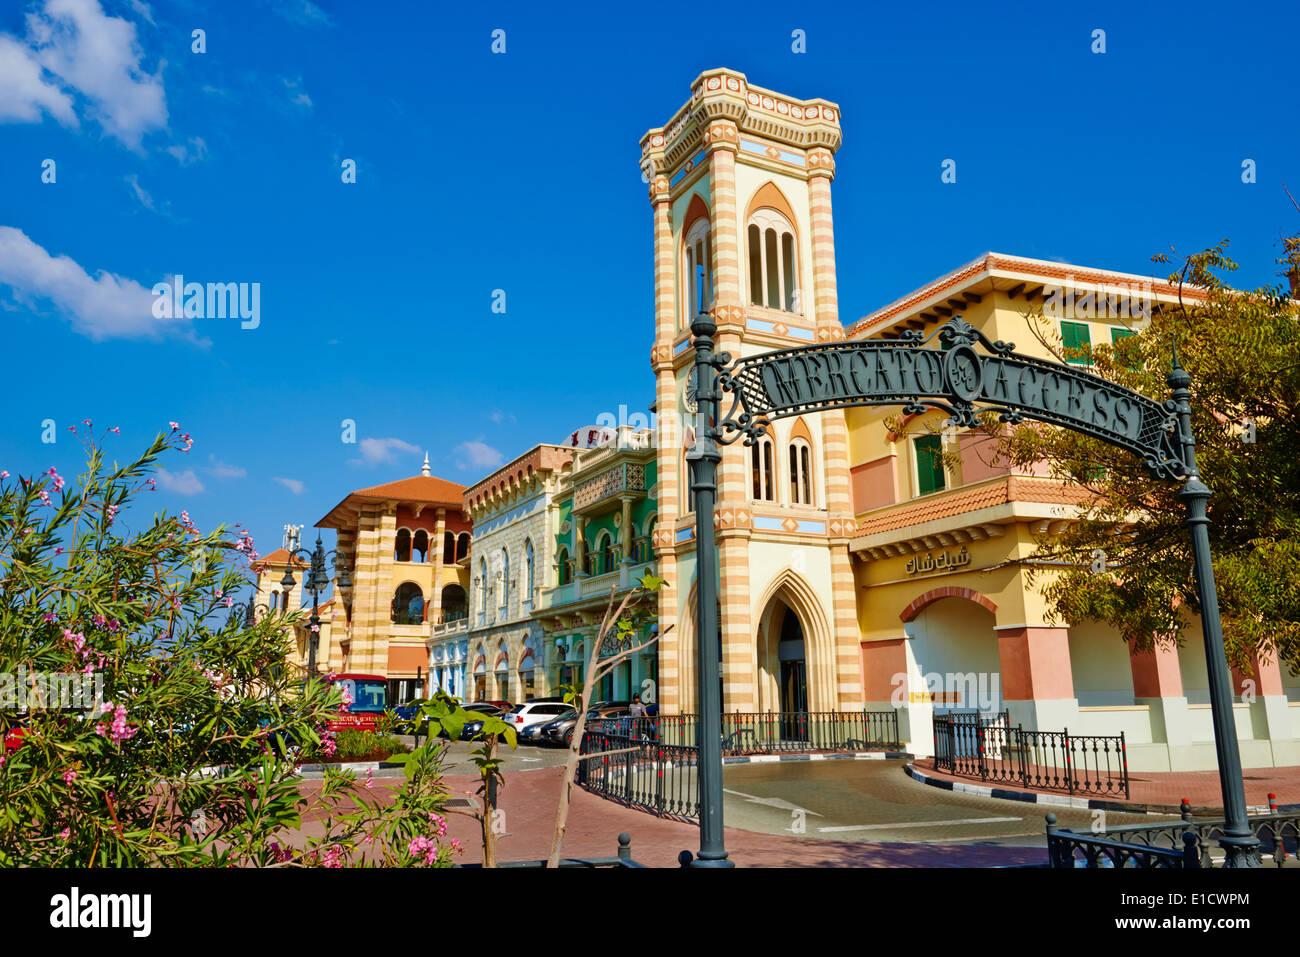 Los Emiratos Árabes Unidos, Dubai, barrio de Jumeirah, el centro comercial Mercato, estilo italiano Foto de stock